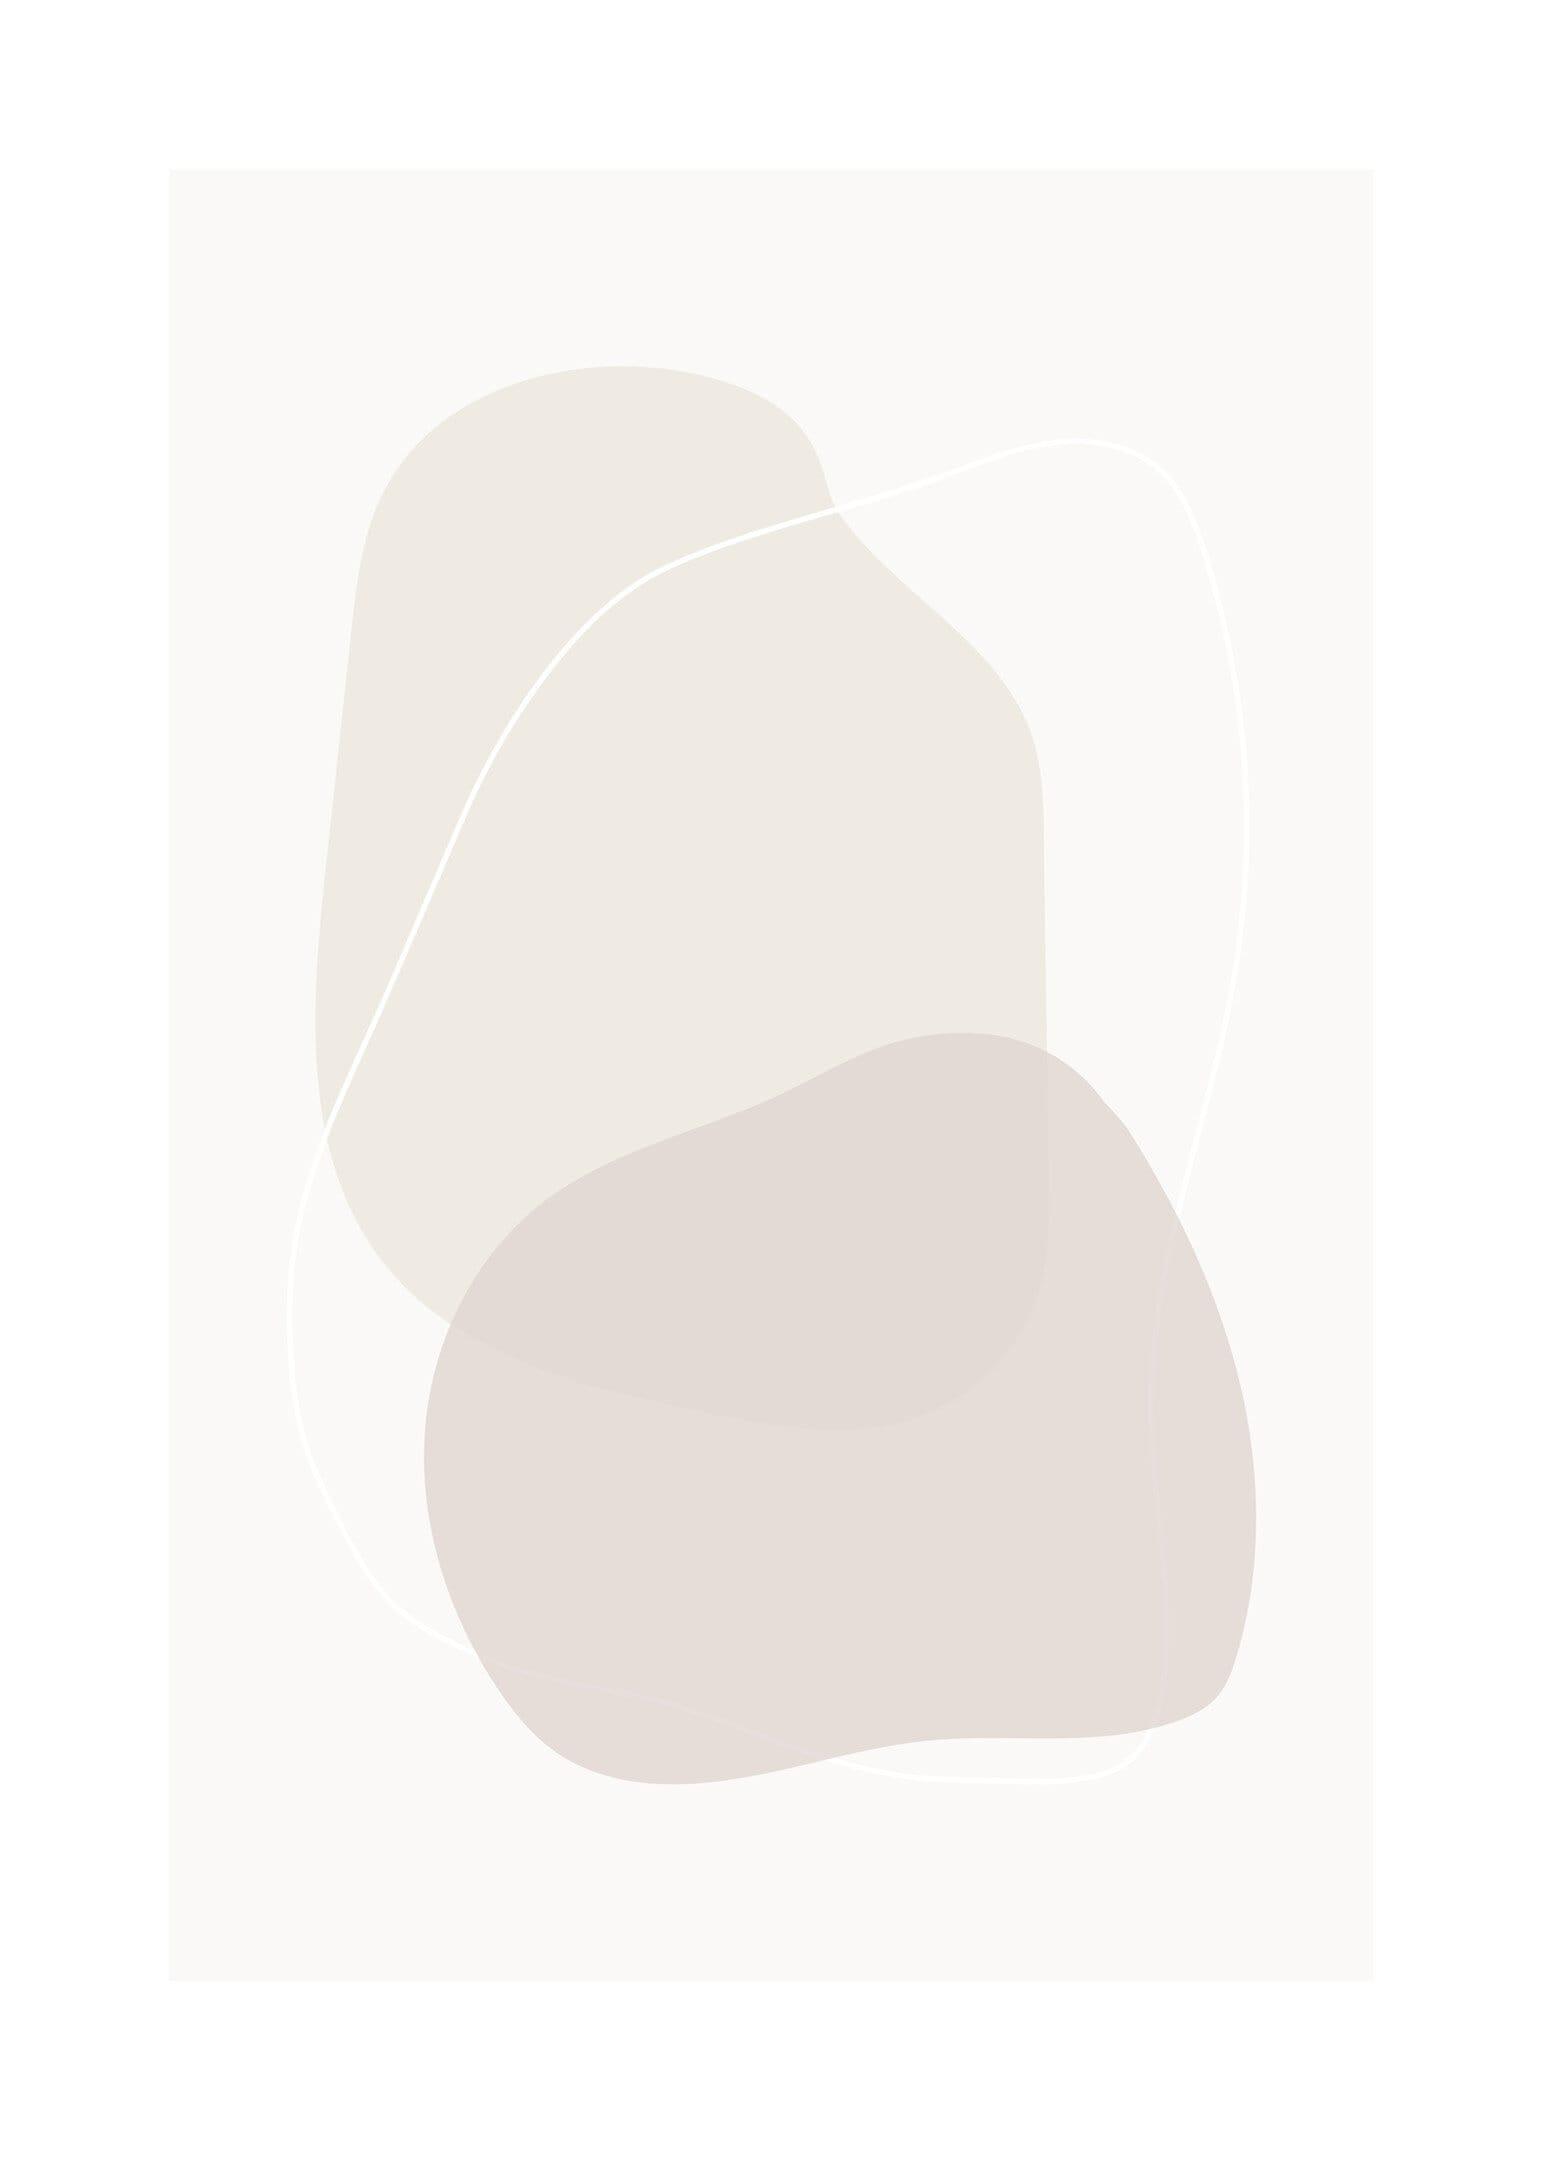 Abstrakt poster med cirkelformade linjer i rosabeige toner